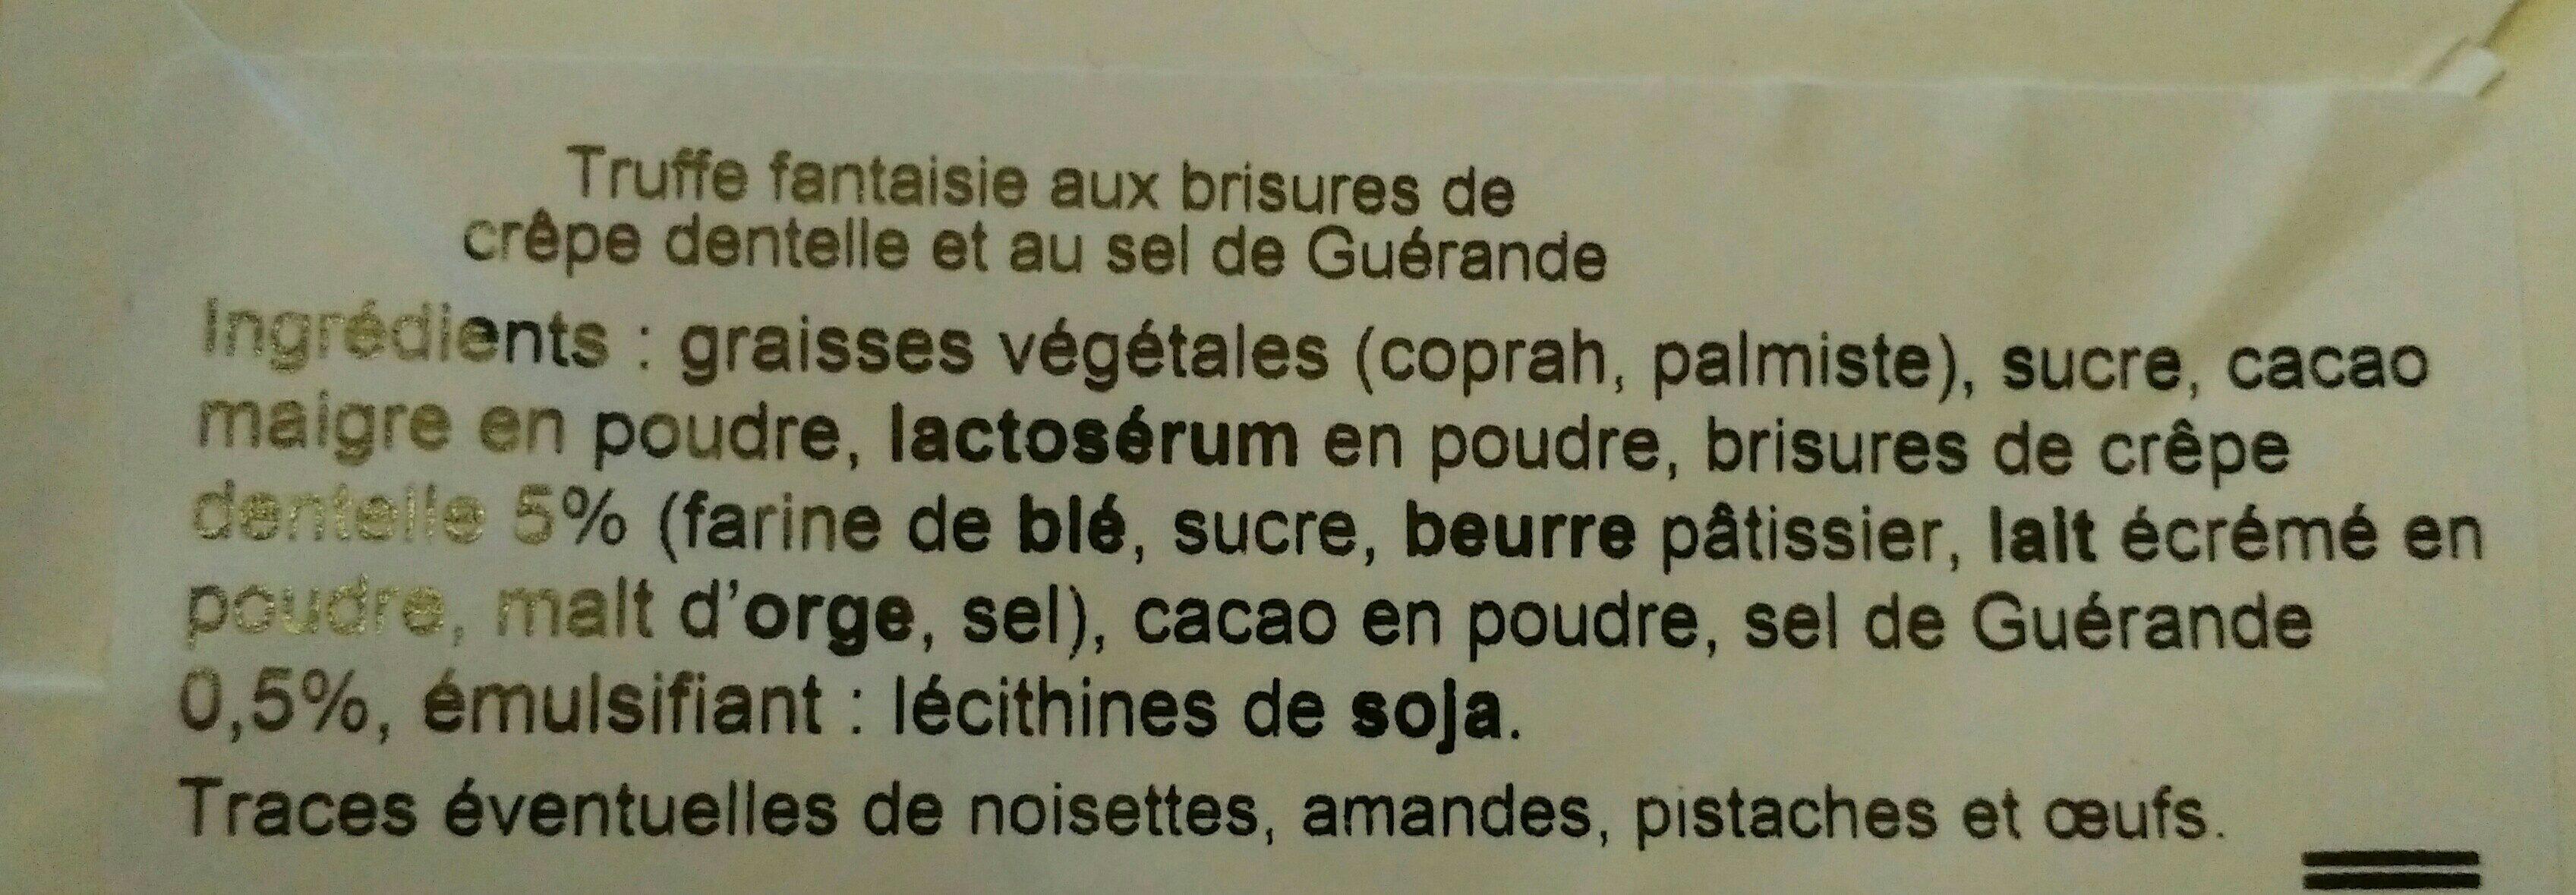 Truffes fantaisie - Ingredients